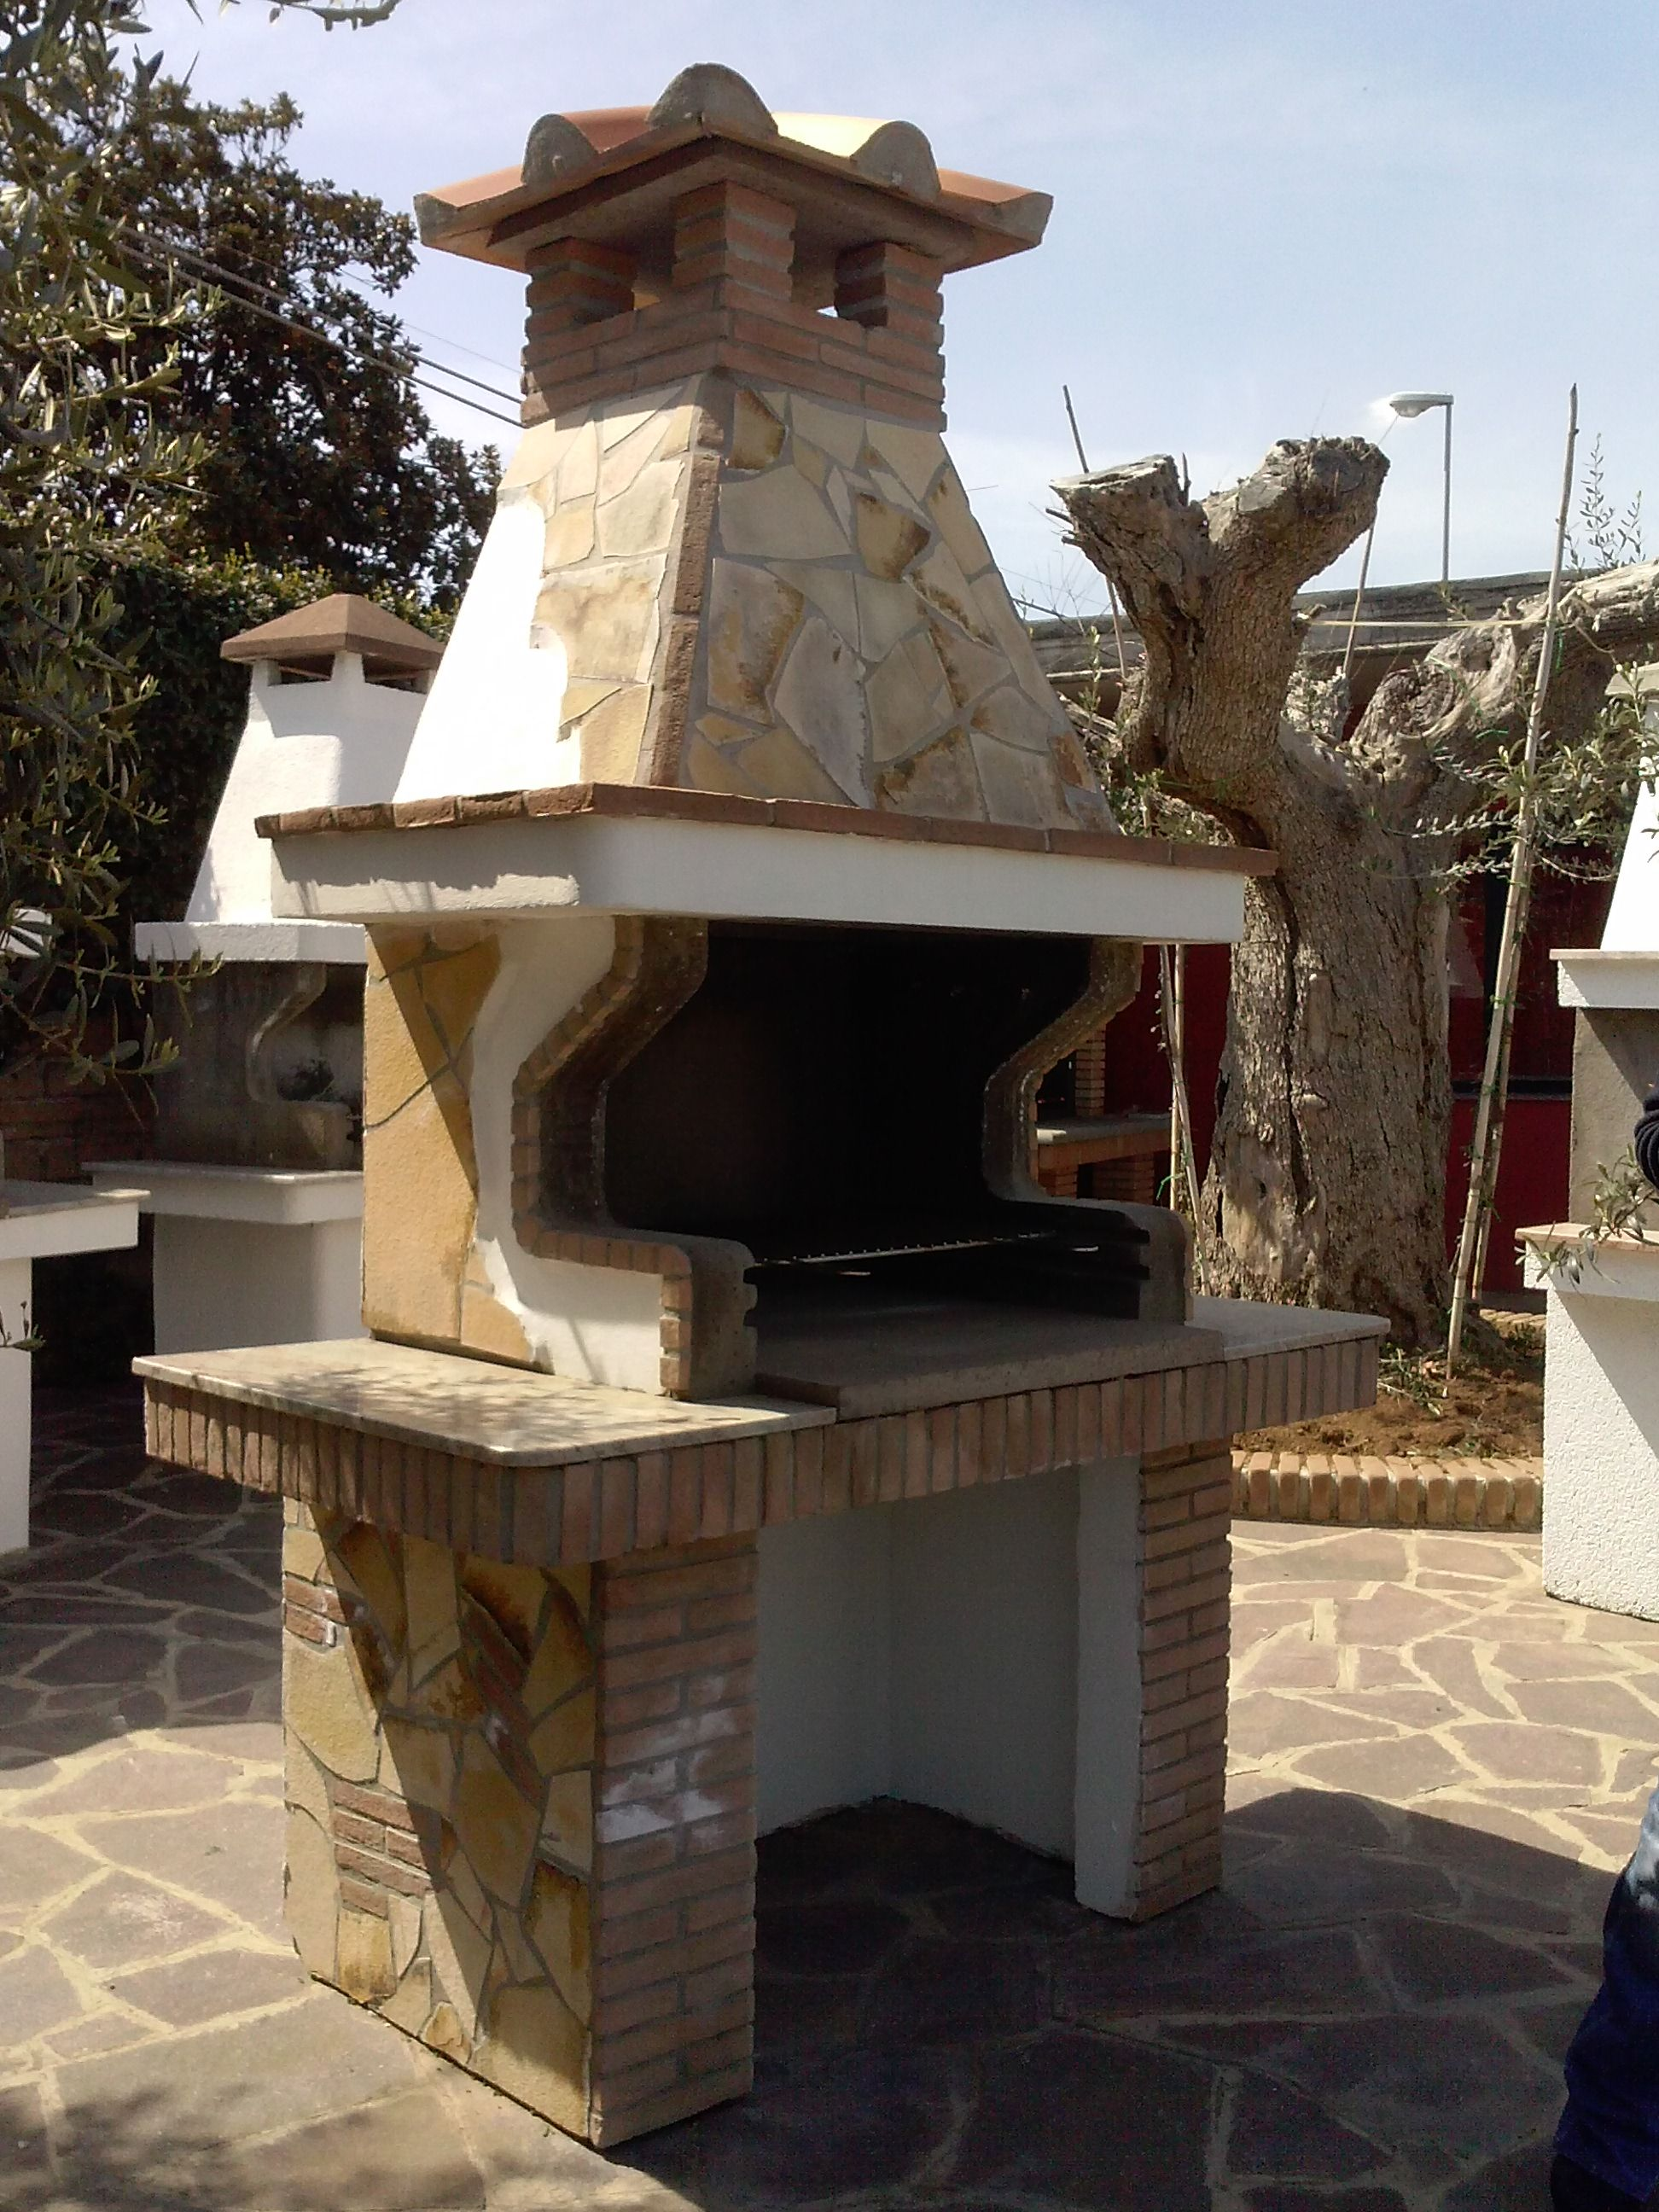 Barbecue rivestito in pietra arredo giardino pietre for Arredo giardino in pietra